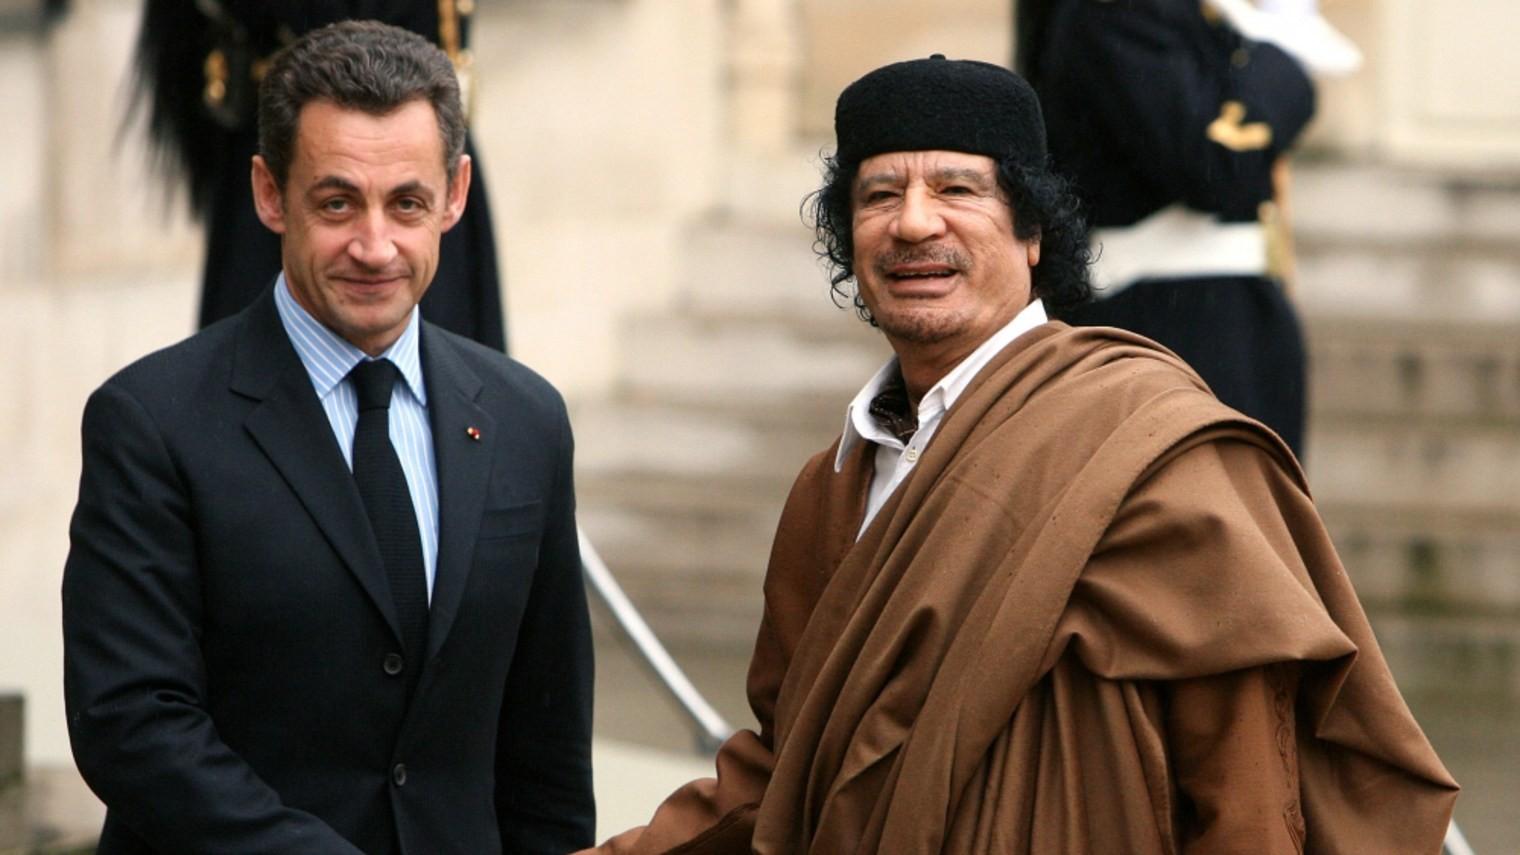 <p>Бывший президент Франции Николя Саркози и экс-глава правительства Ливии Муаммар Каддафи. Фото: &copy; REUTERS</p>